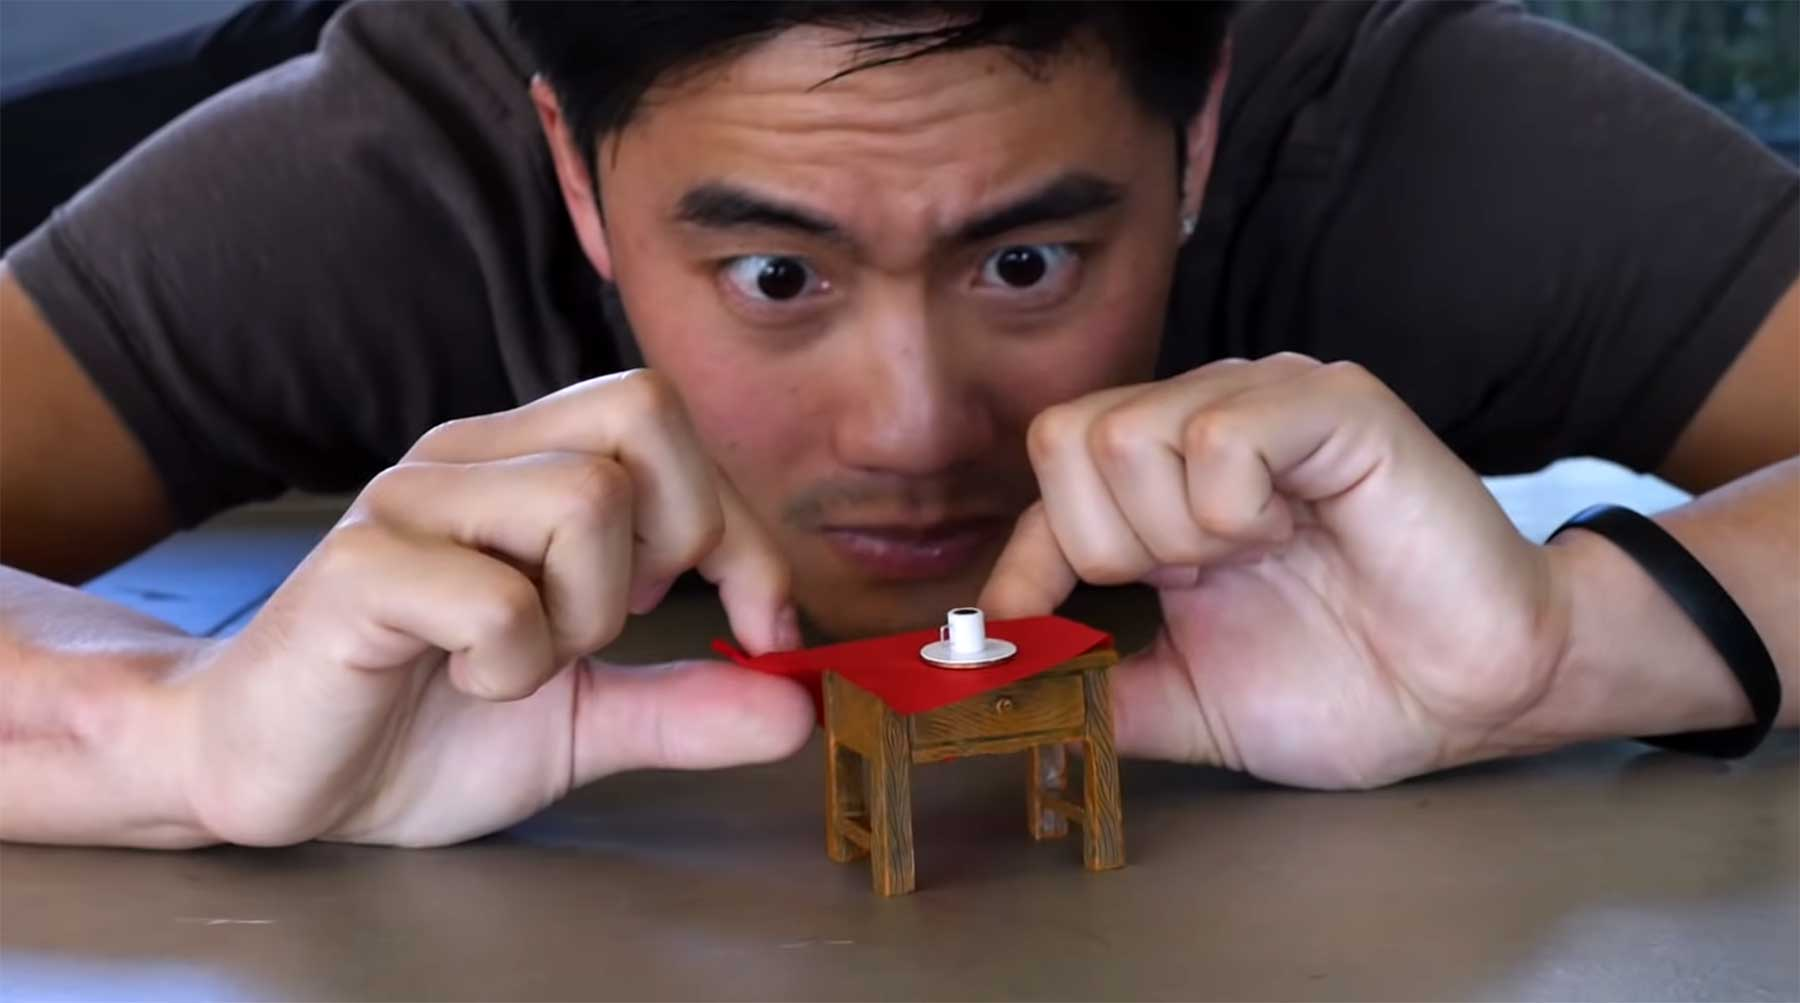 Ryan Higa macht bekloppte Tischdecke-wegzieh-Tricks